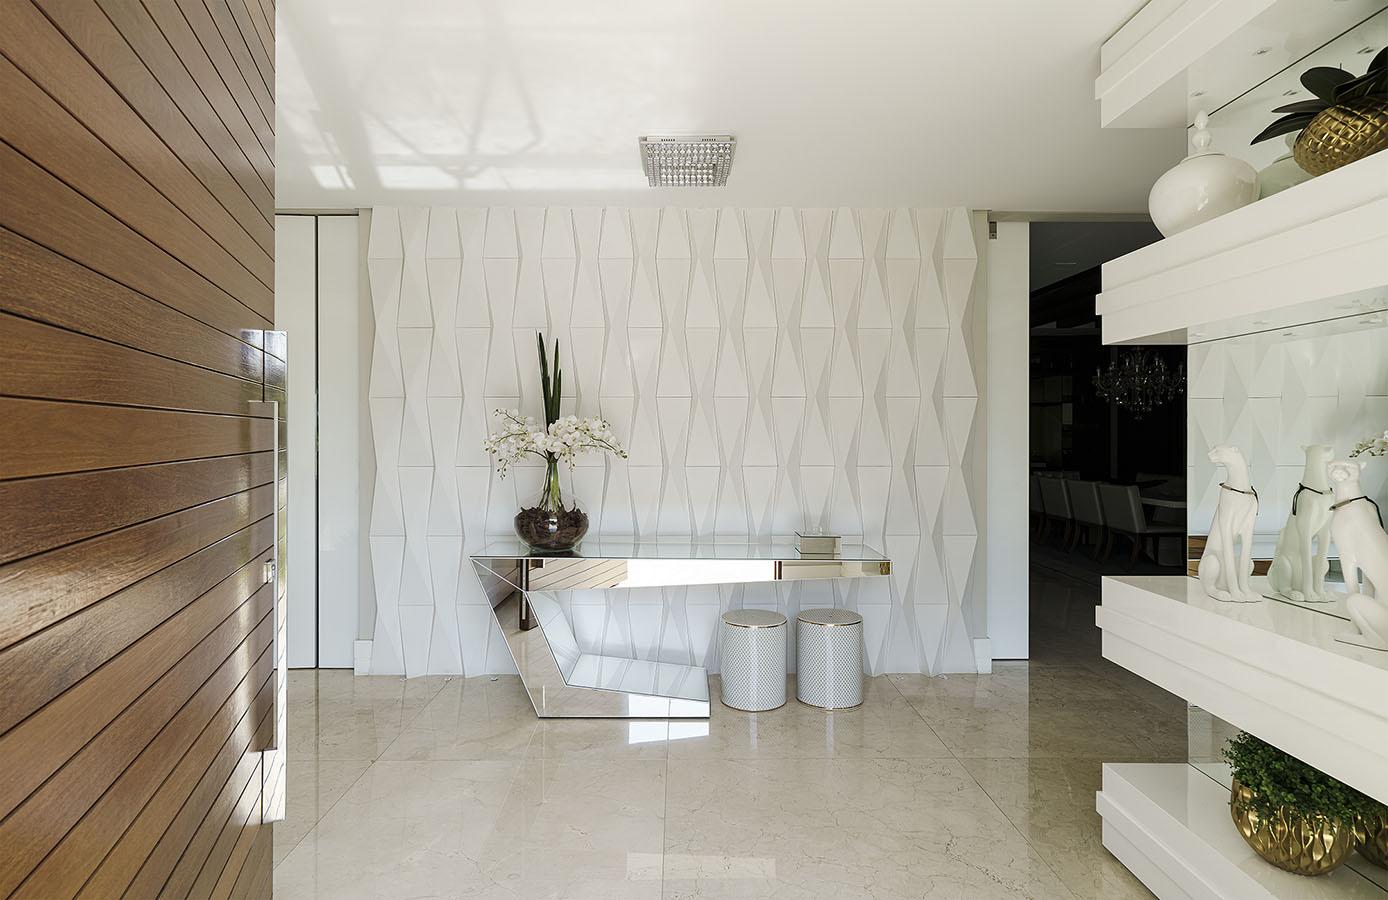 Arquiteto_Curitiba_Arquiteta_AlessandraGandolfi_Residência_LFP_Interiores_1